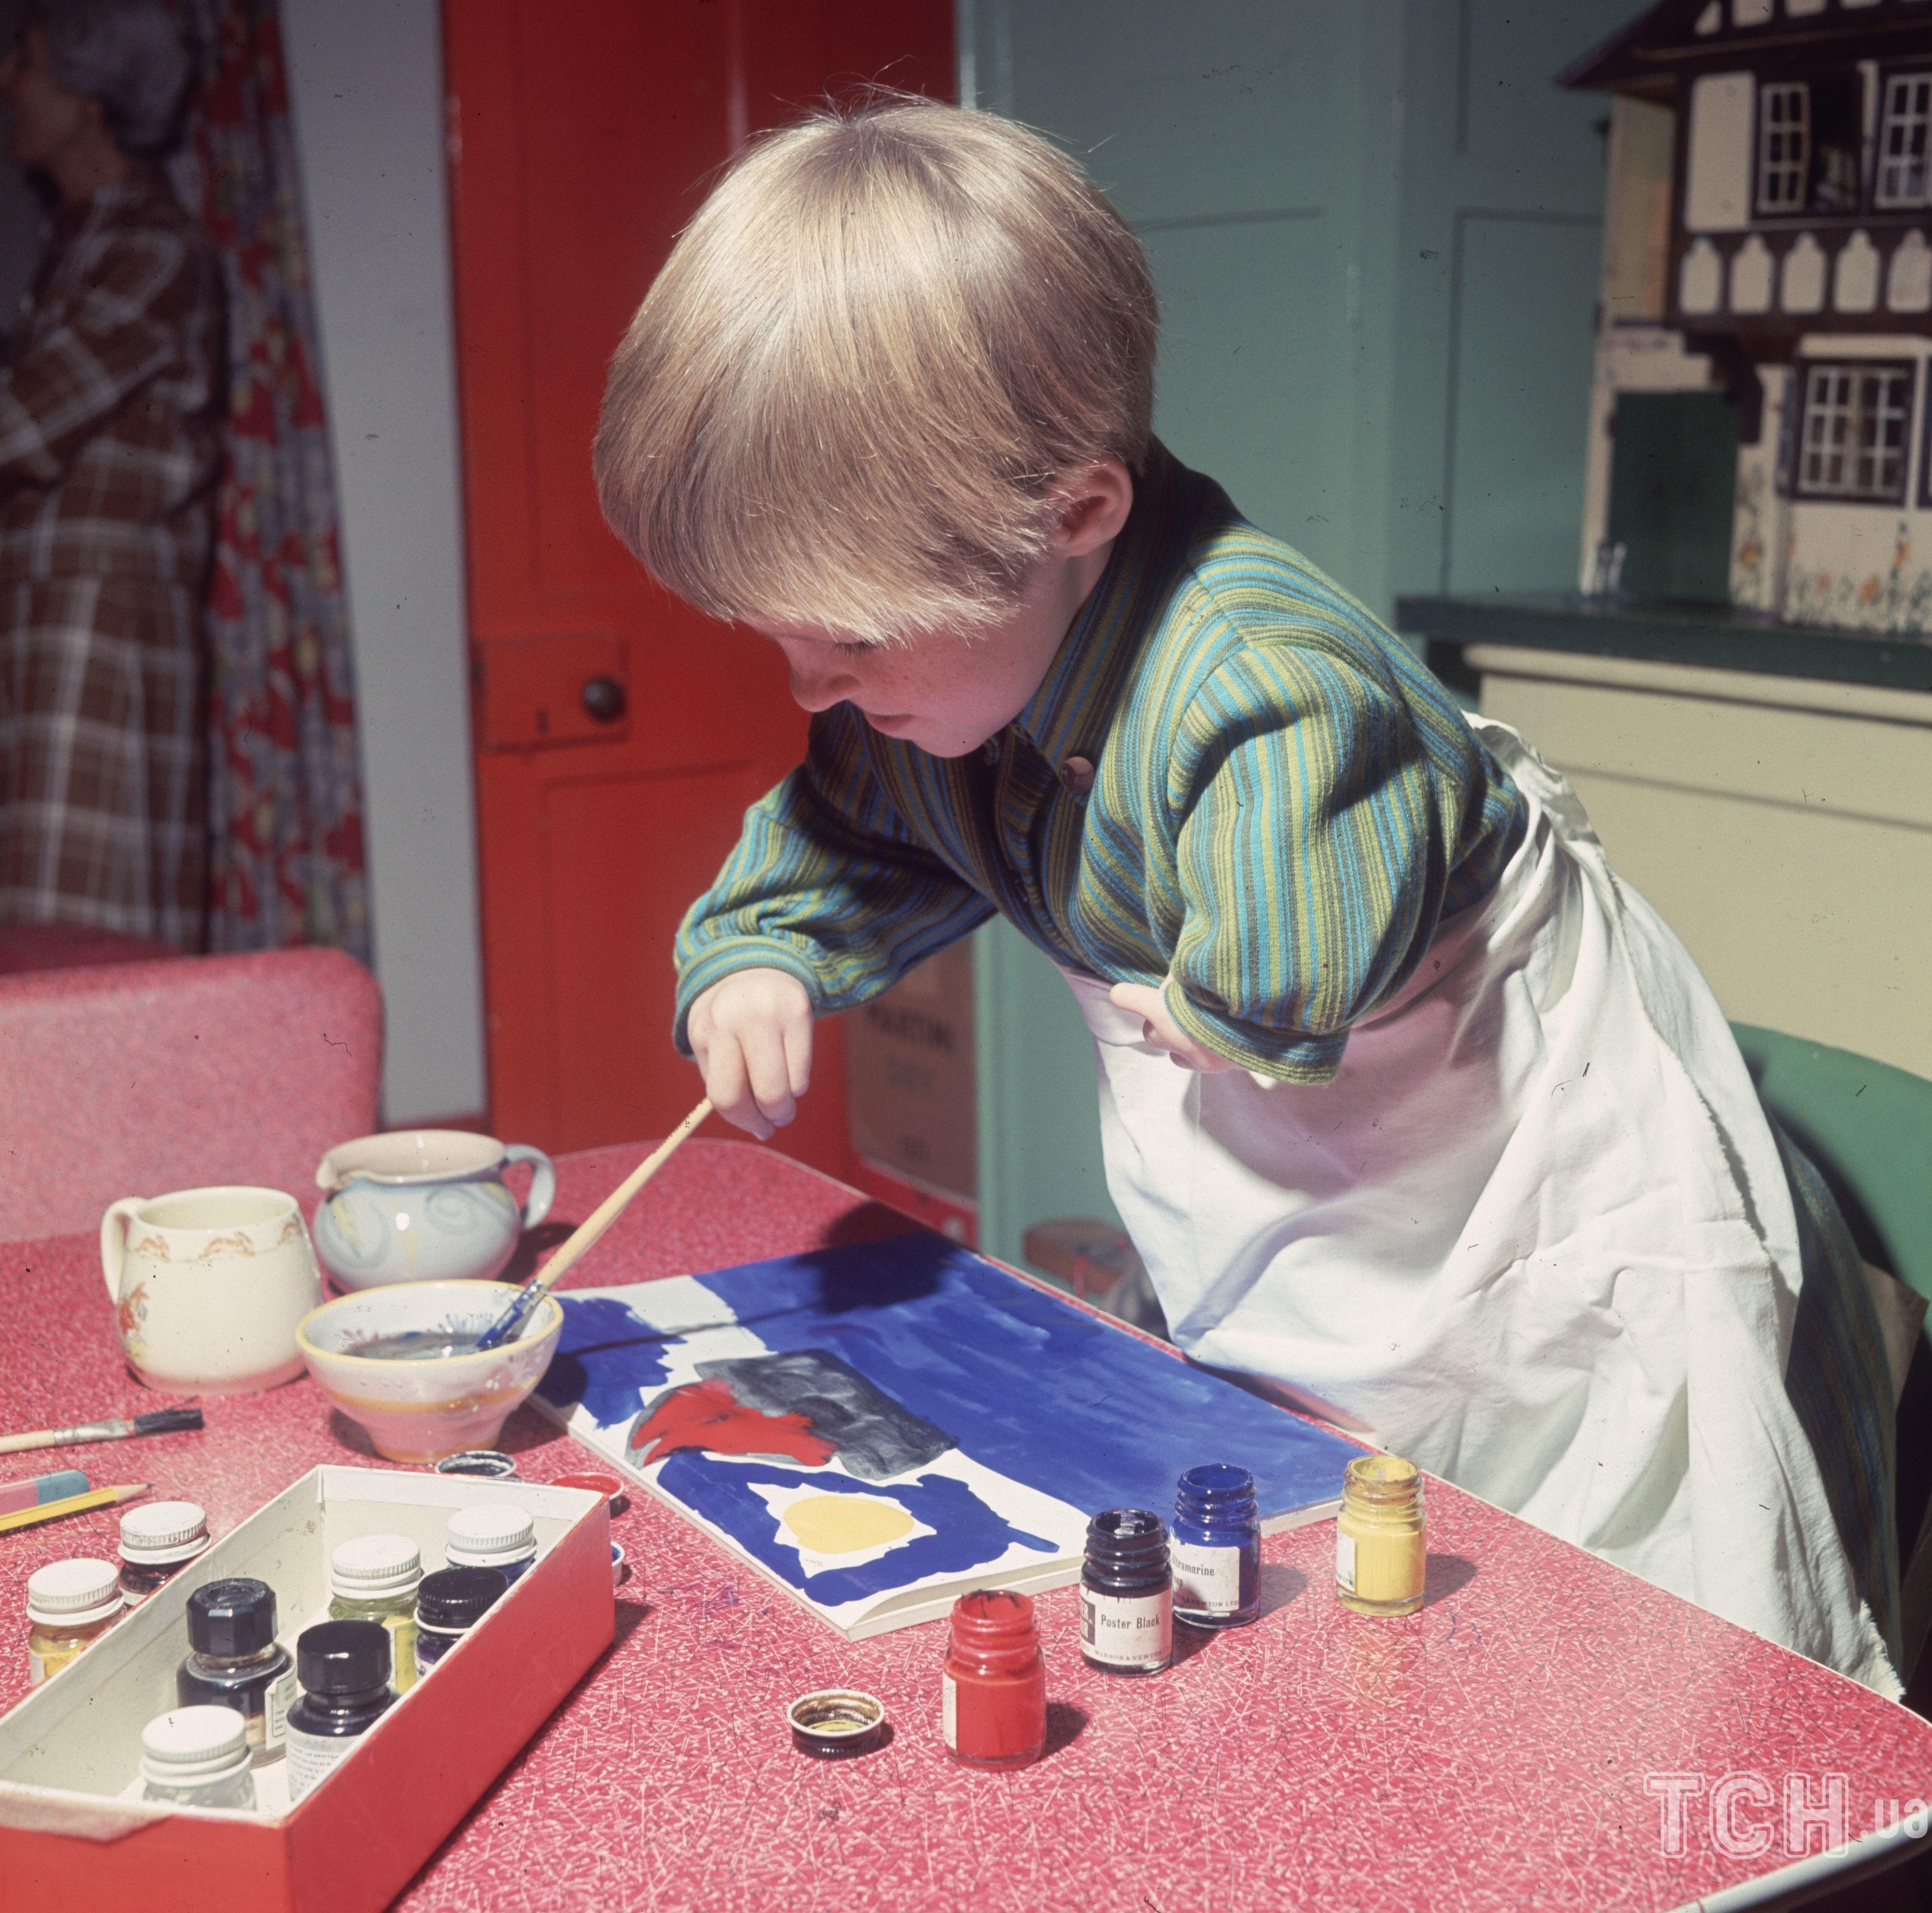 7-летняя Элизабет Бакл, пострадавшая от талидомида, рисует дома / © Getty Images